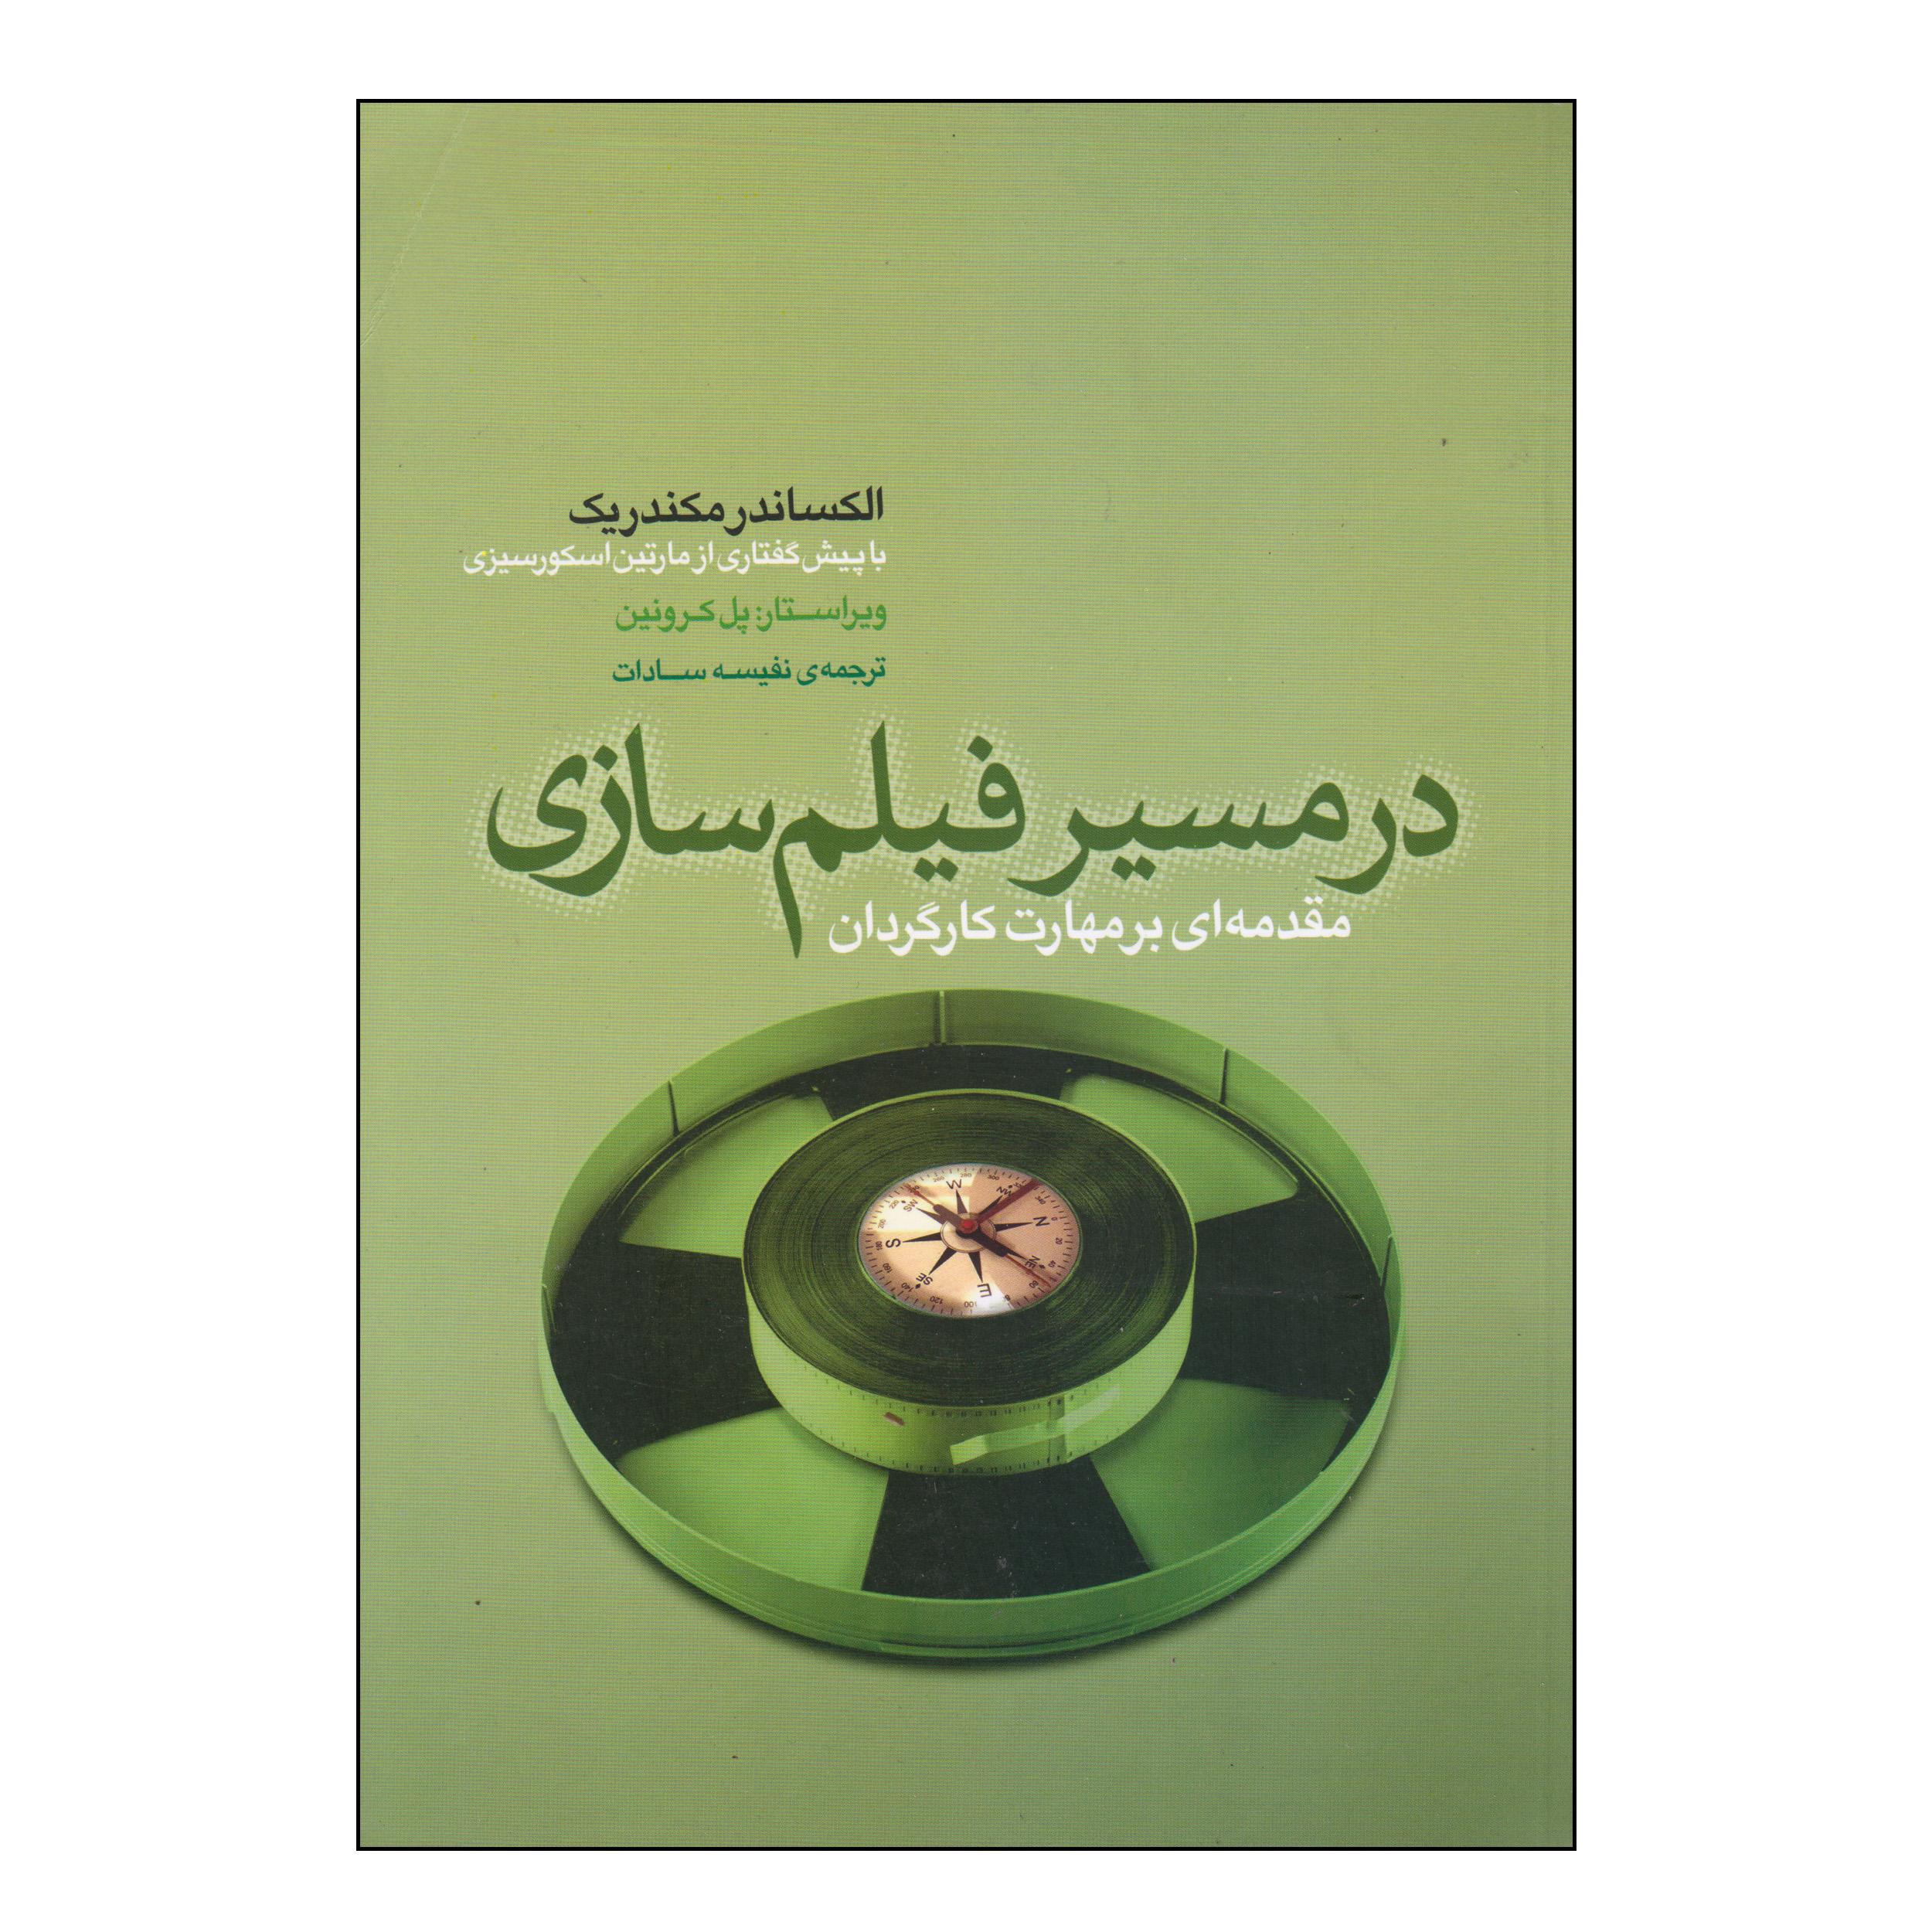 خرید                      کتاب در مسیر فیلمسازی اثر الکساندر مکندریک انتشارات فارابی